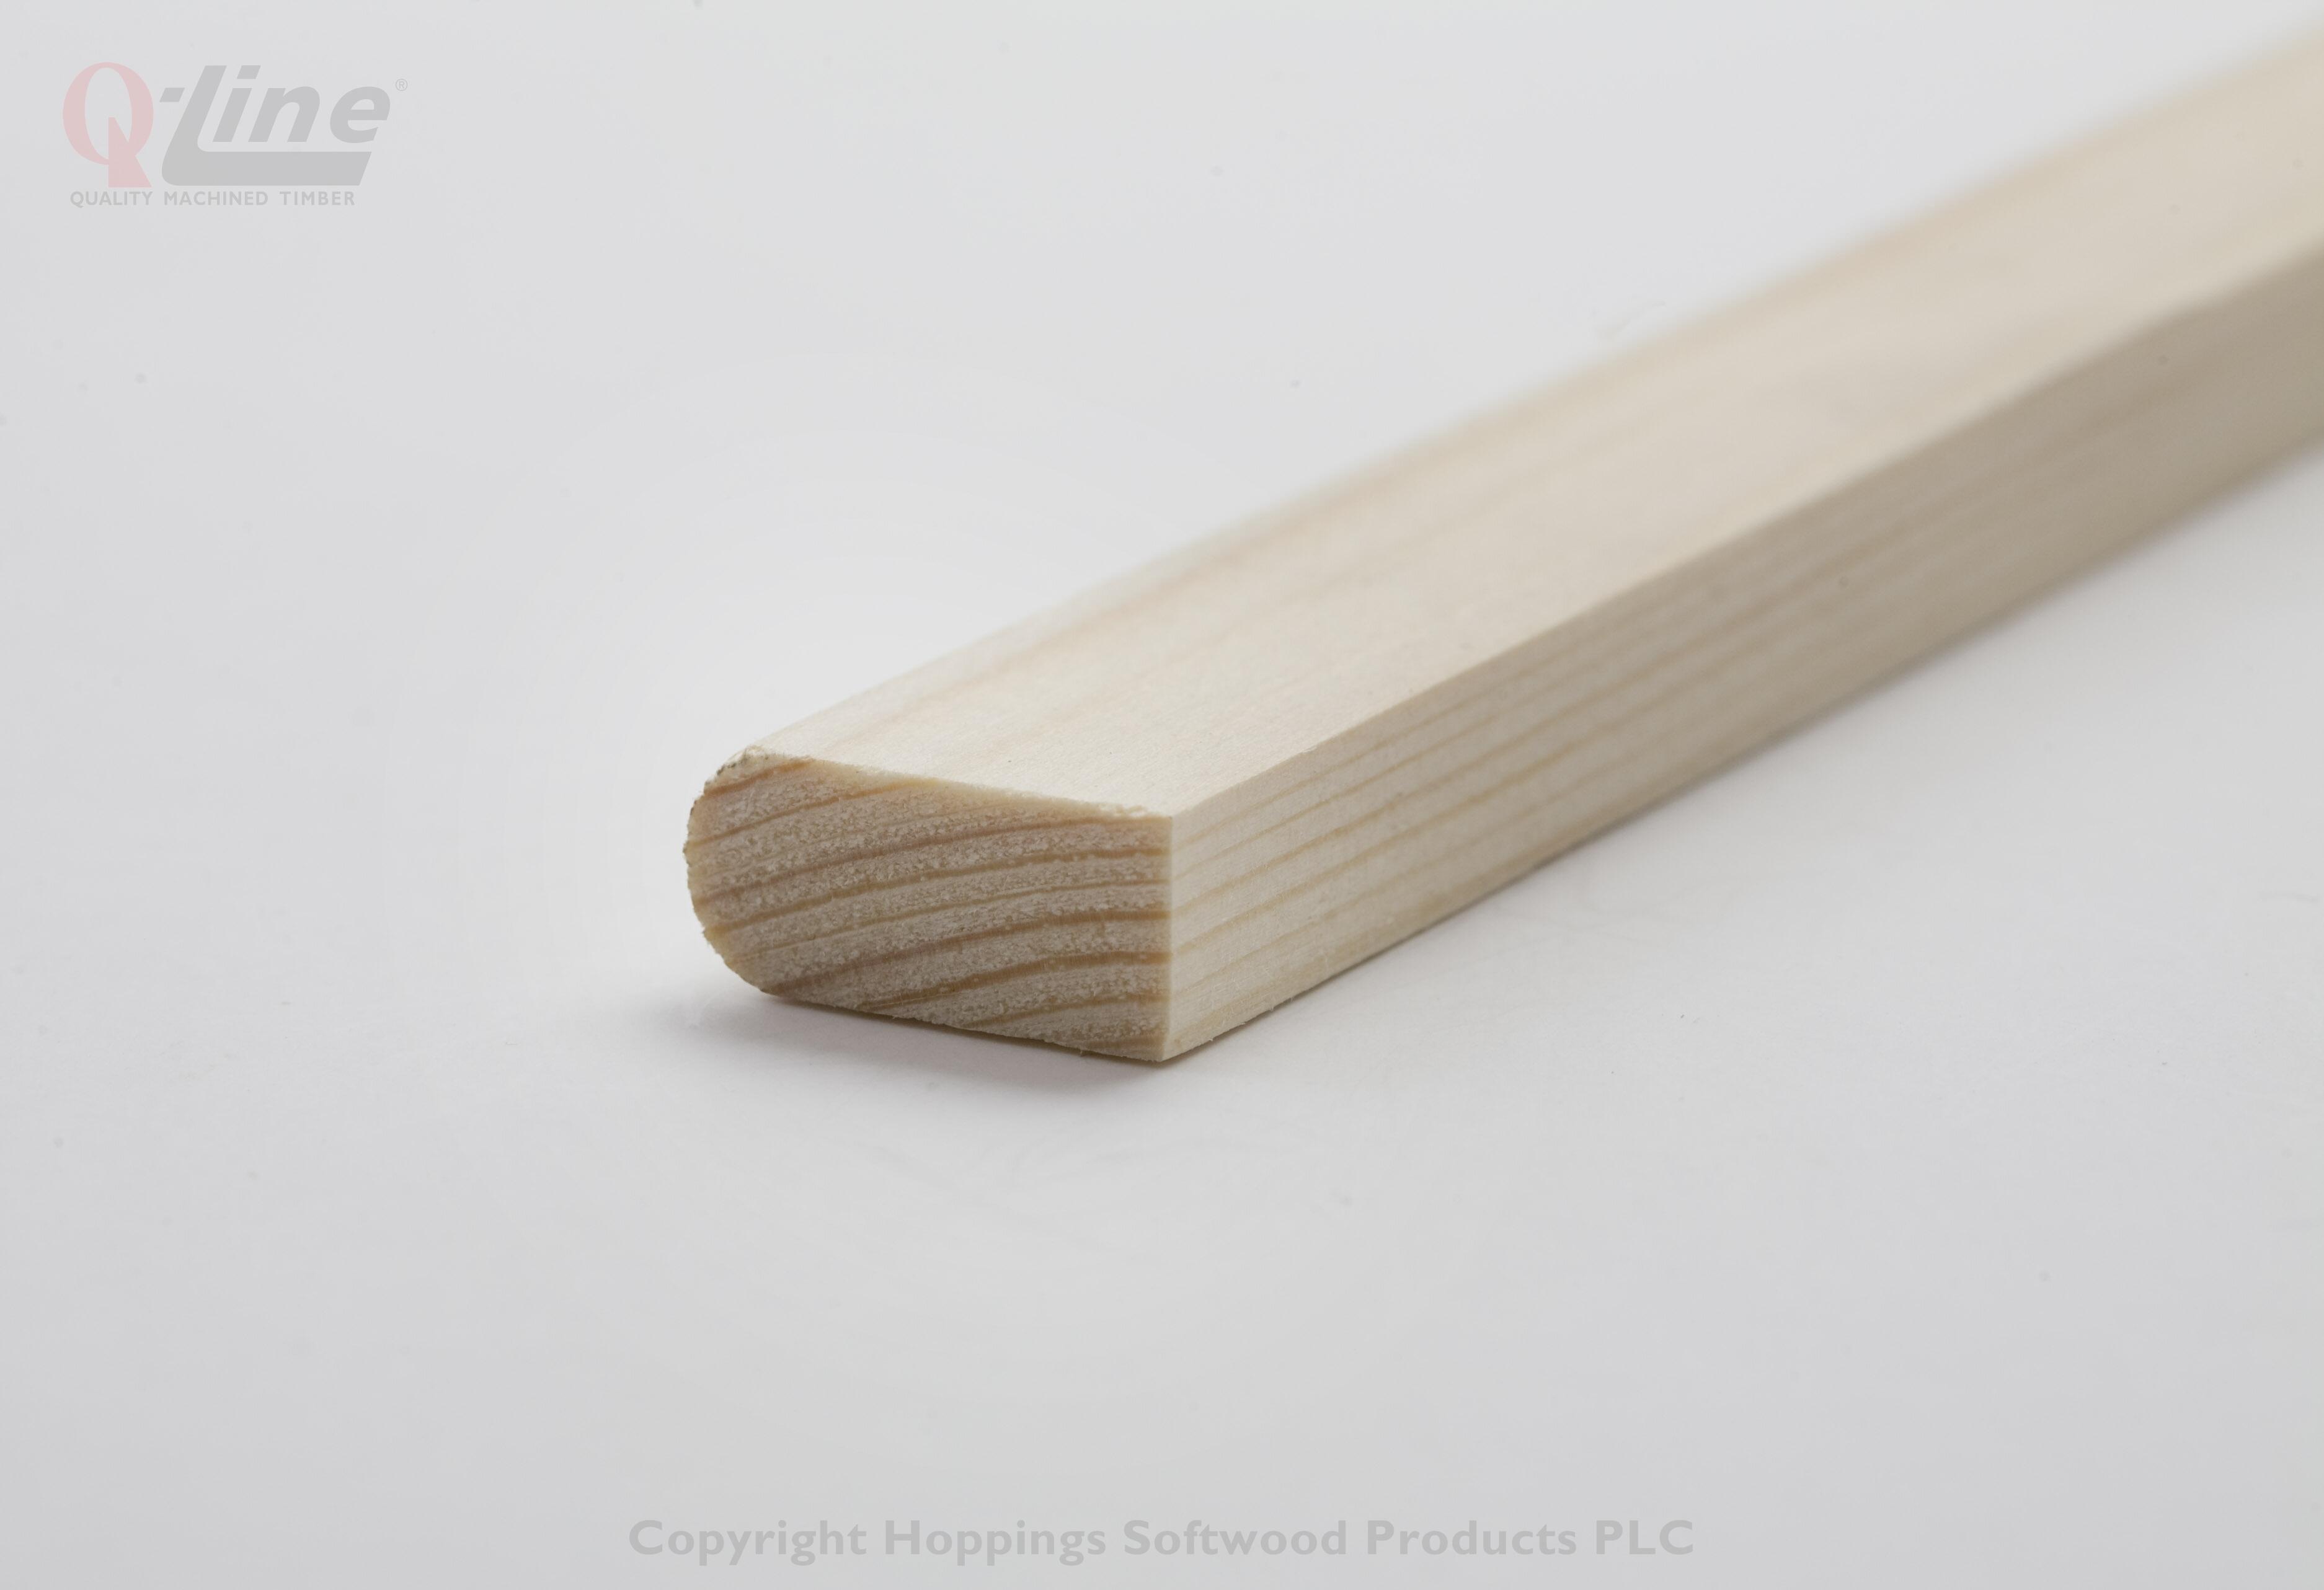 12 x 25mm Nom. Redwood Parting Bead. Premium Grade